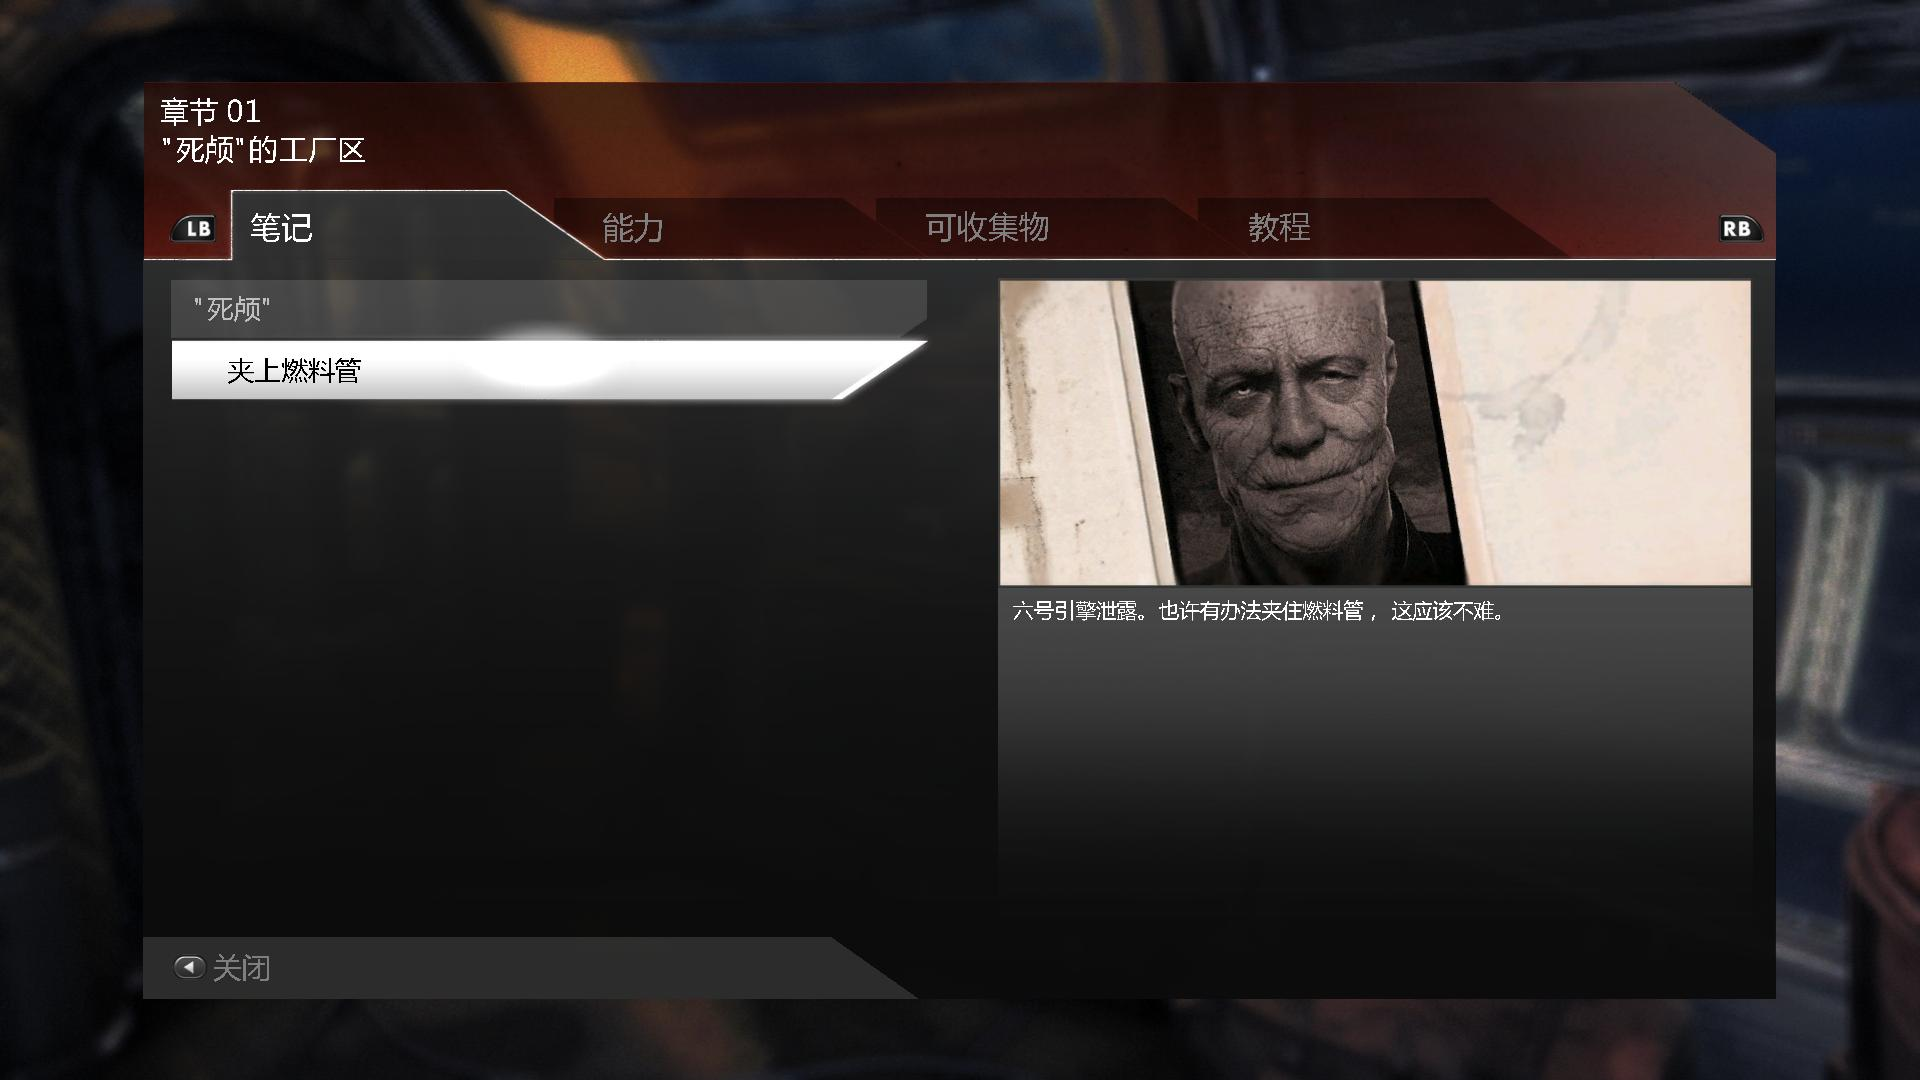 德军总部:新秩序 1号升级档+破解补丁[3DM]